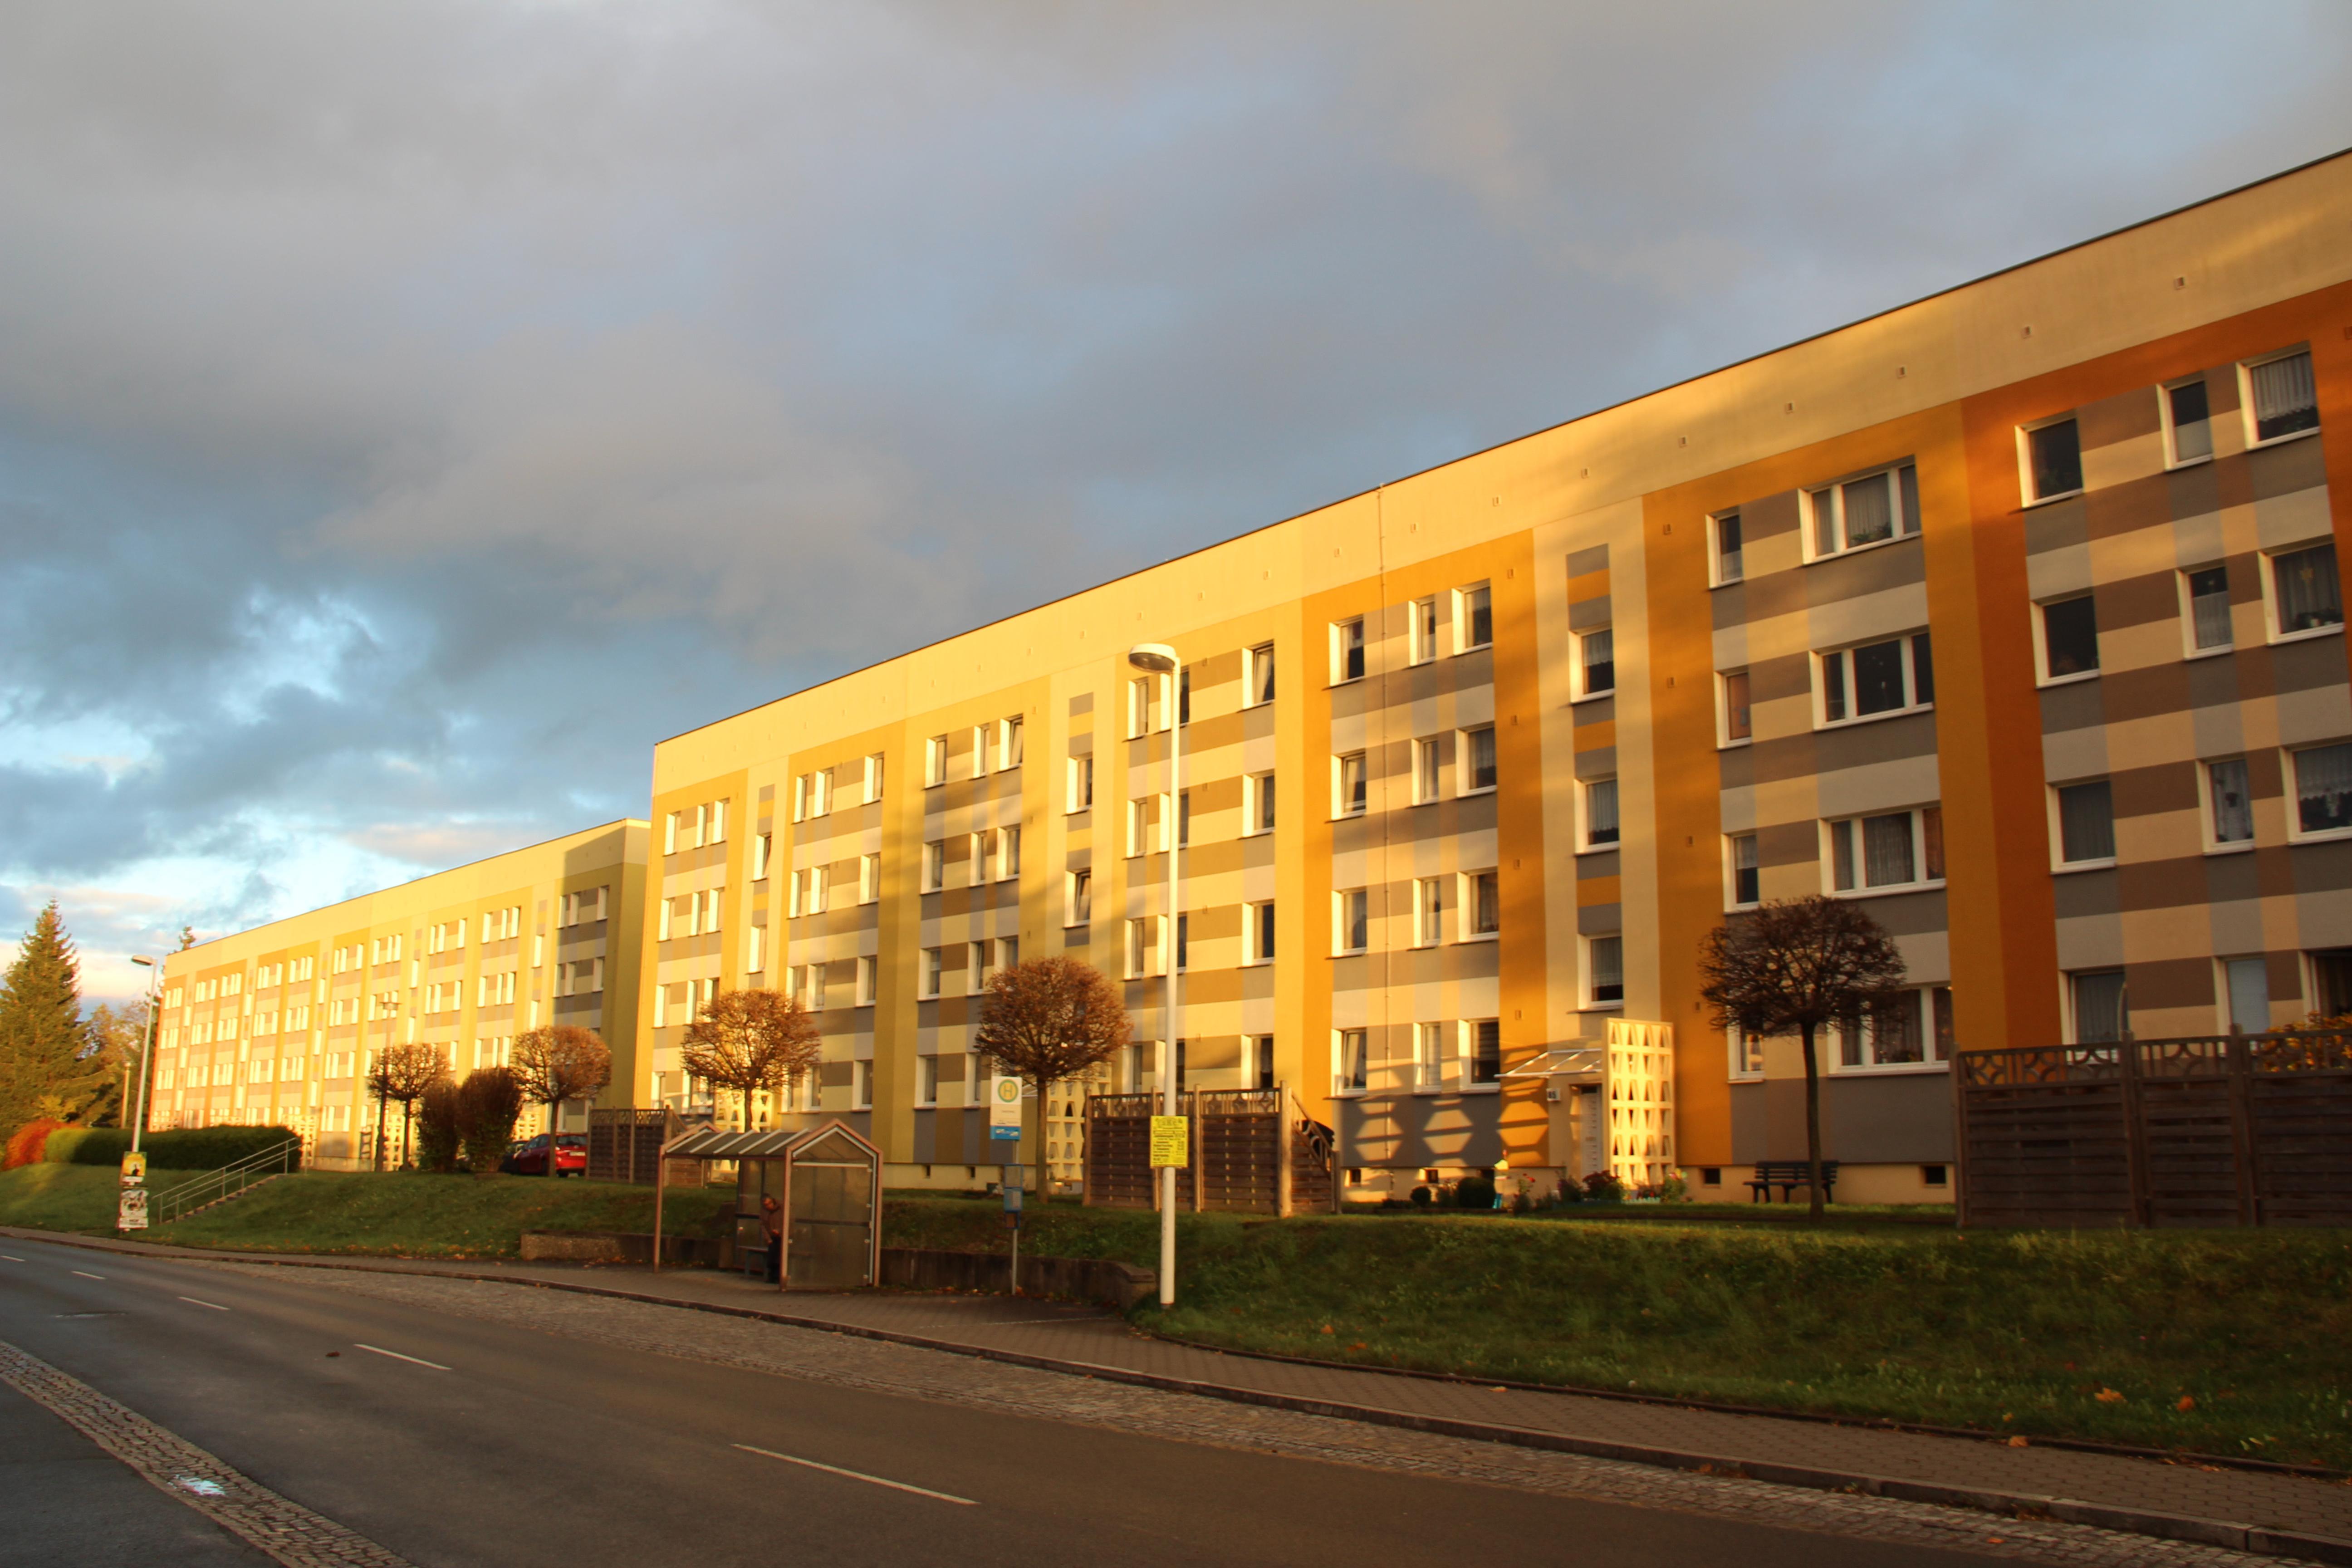 Oschitzer Straße